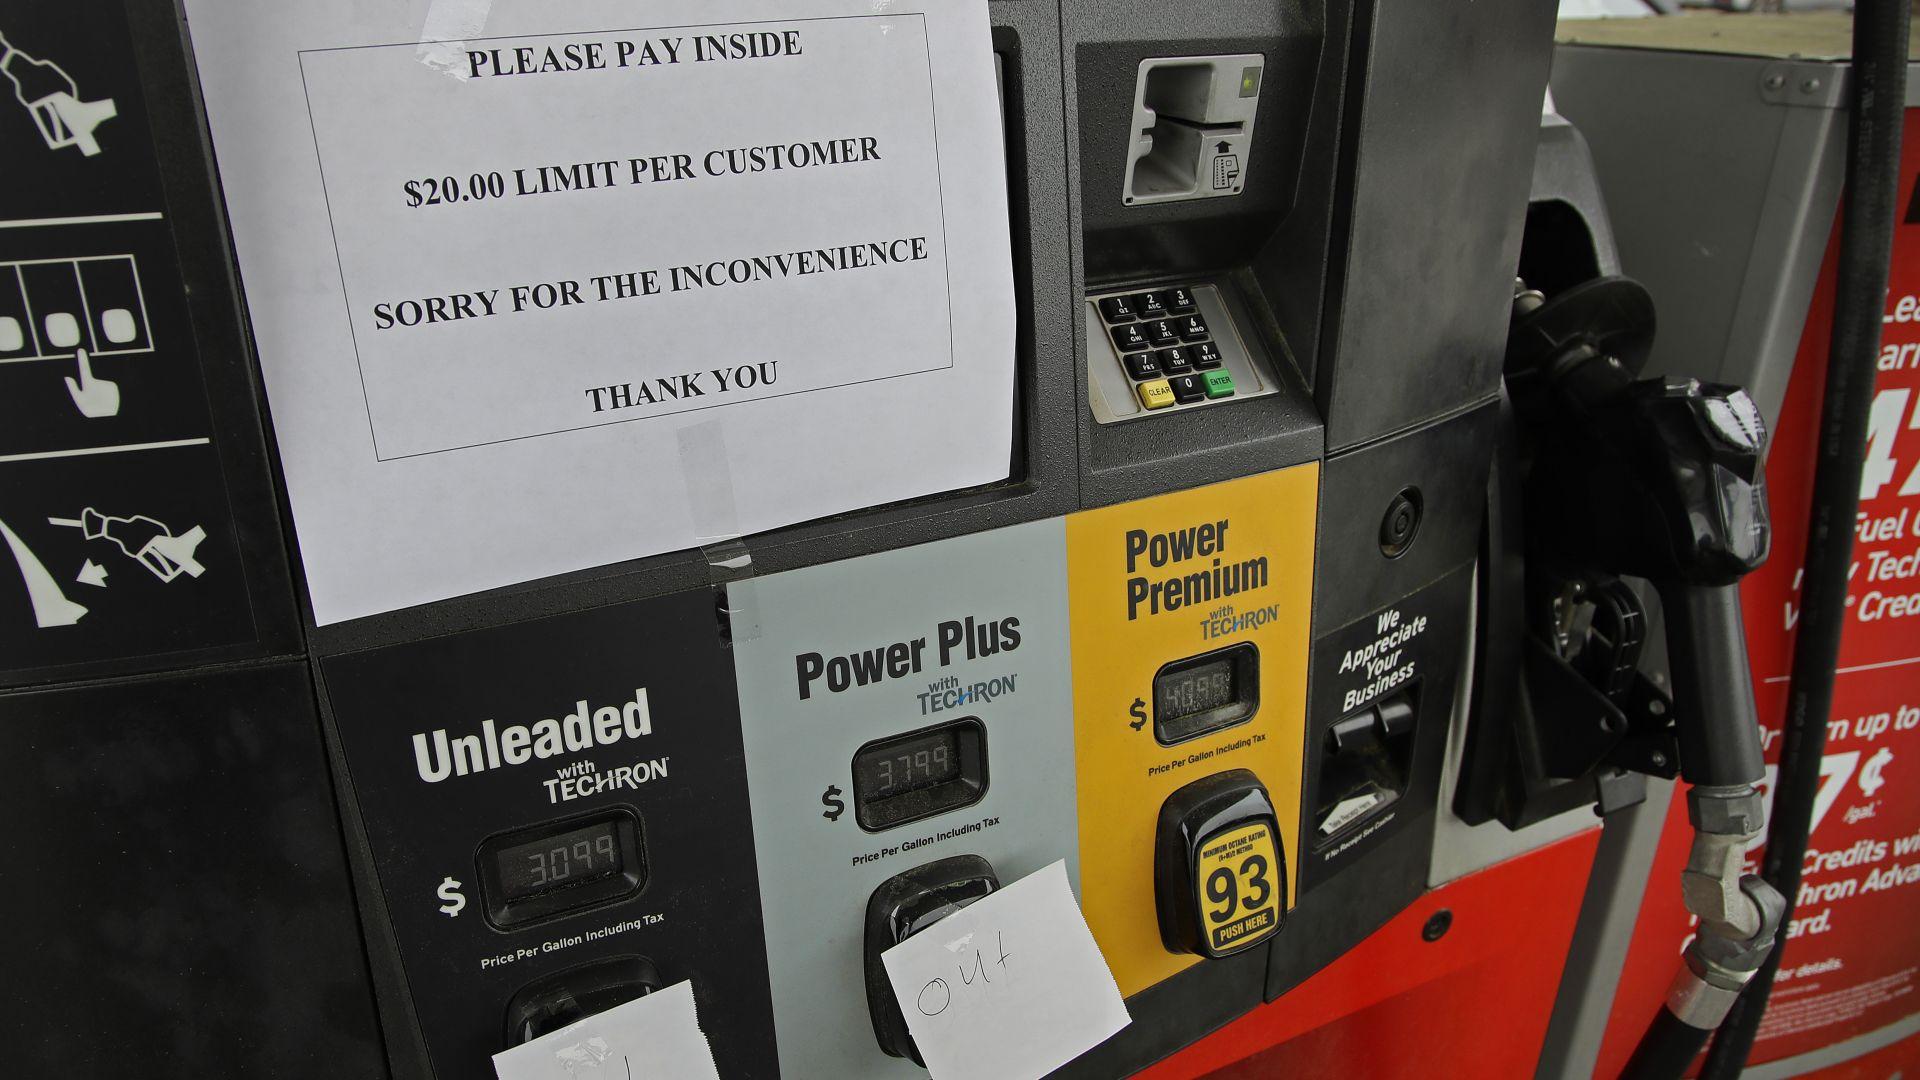 След кибератаката: Опашки за бензин на Изтoчния бpяг в CAЩ, горивото свършва